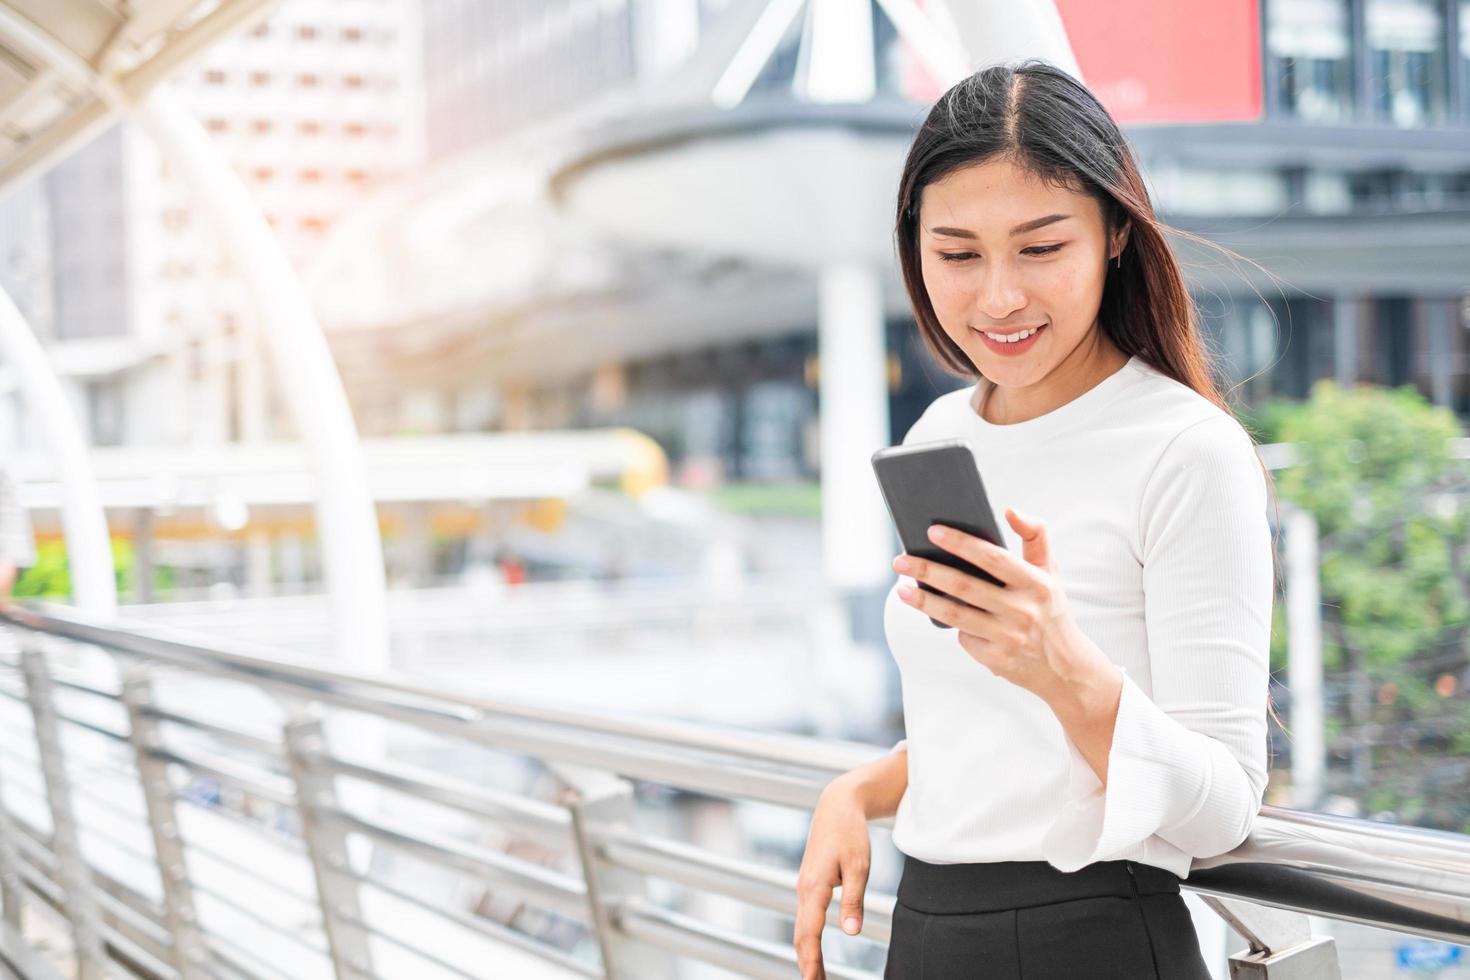 Porträt der asiatischen Frau, die Smartphone hält foto